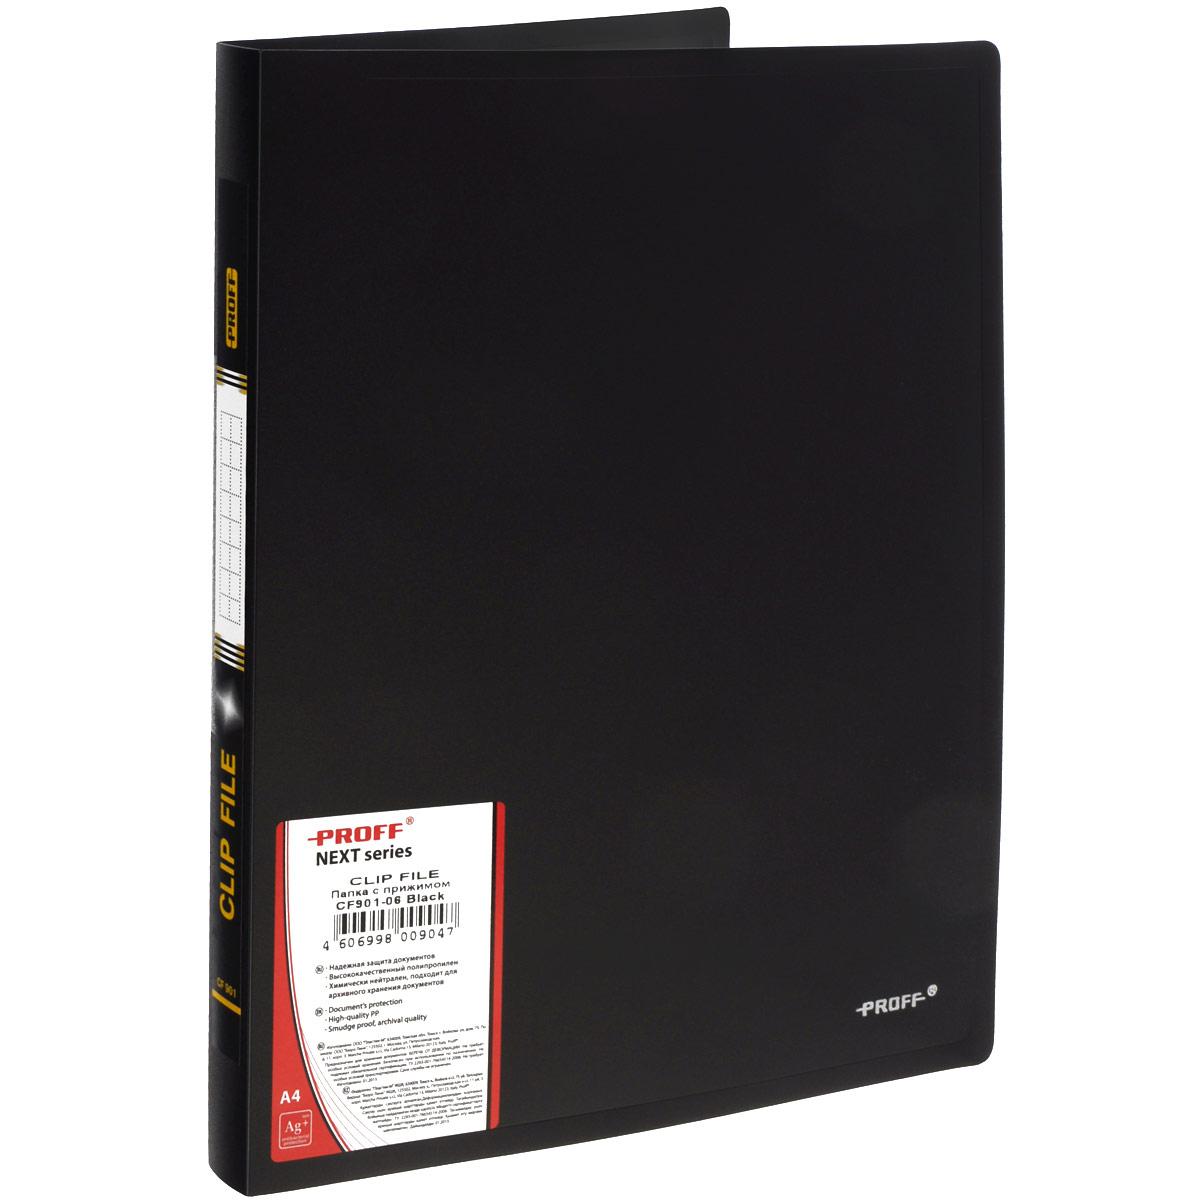 Папка с боковым зажимом Proff Next, цвет: черный. Формат А4. CF901-06FS-36052Папка с боковым зажимом Proff Next - это удобный и практичный офисный инструмент,предназначенный для хранения и транспортировки рабочих бумаг и документовформата А4. Папка изготовлена из высококачественногоплотного полипропилена и оснащена металлическим зажимом, который неповреждает бумагу. Папка с боковым зажимом - это незаменимый атрибут для студента, школьника,офисного работника. Такая папка надежно сохранит ваши документы и сбережетих от повреждений, пыли и влаги.